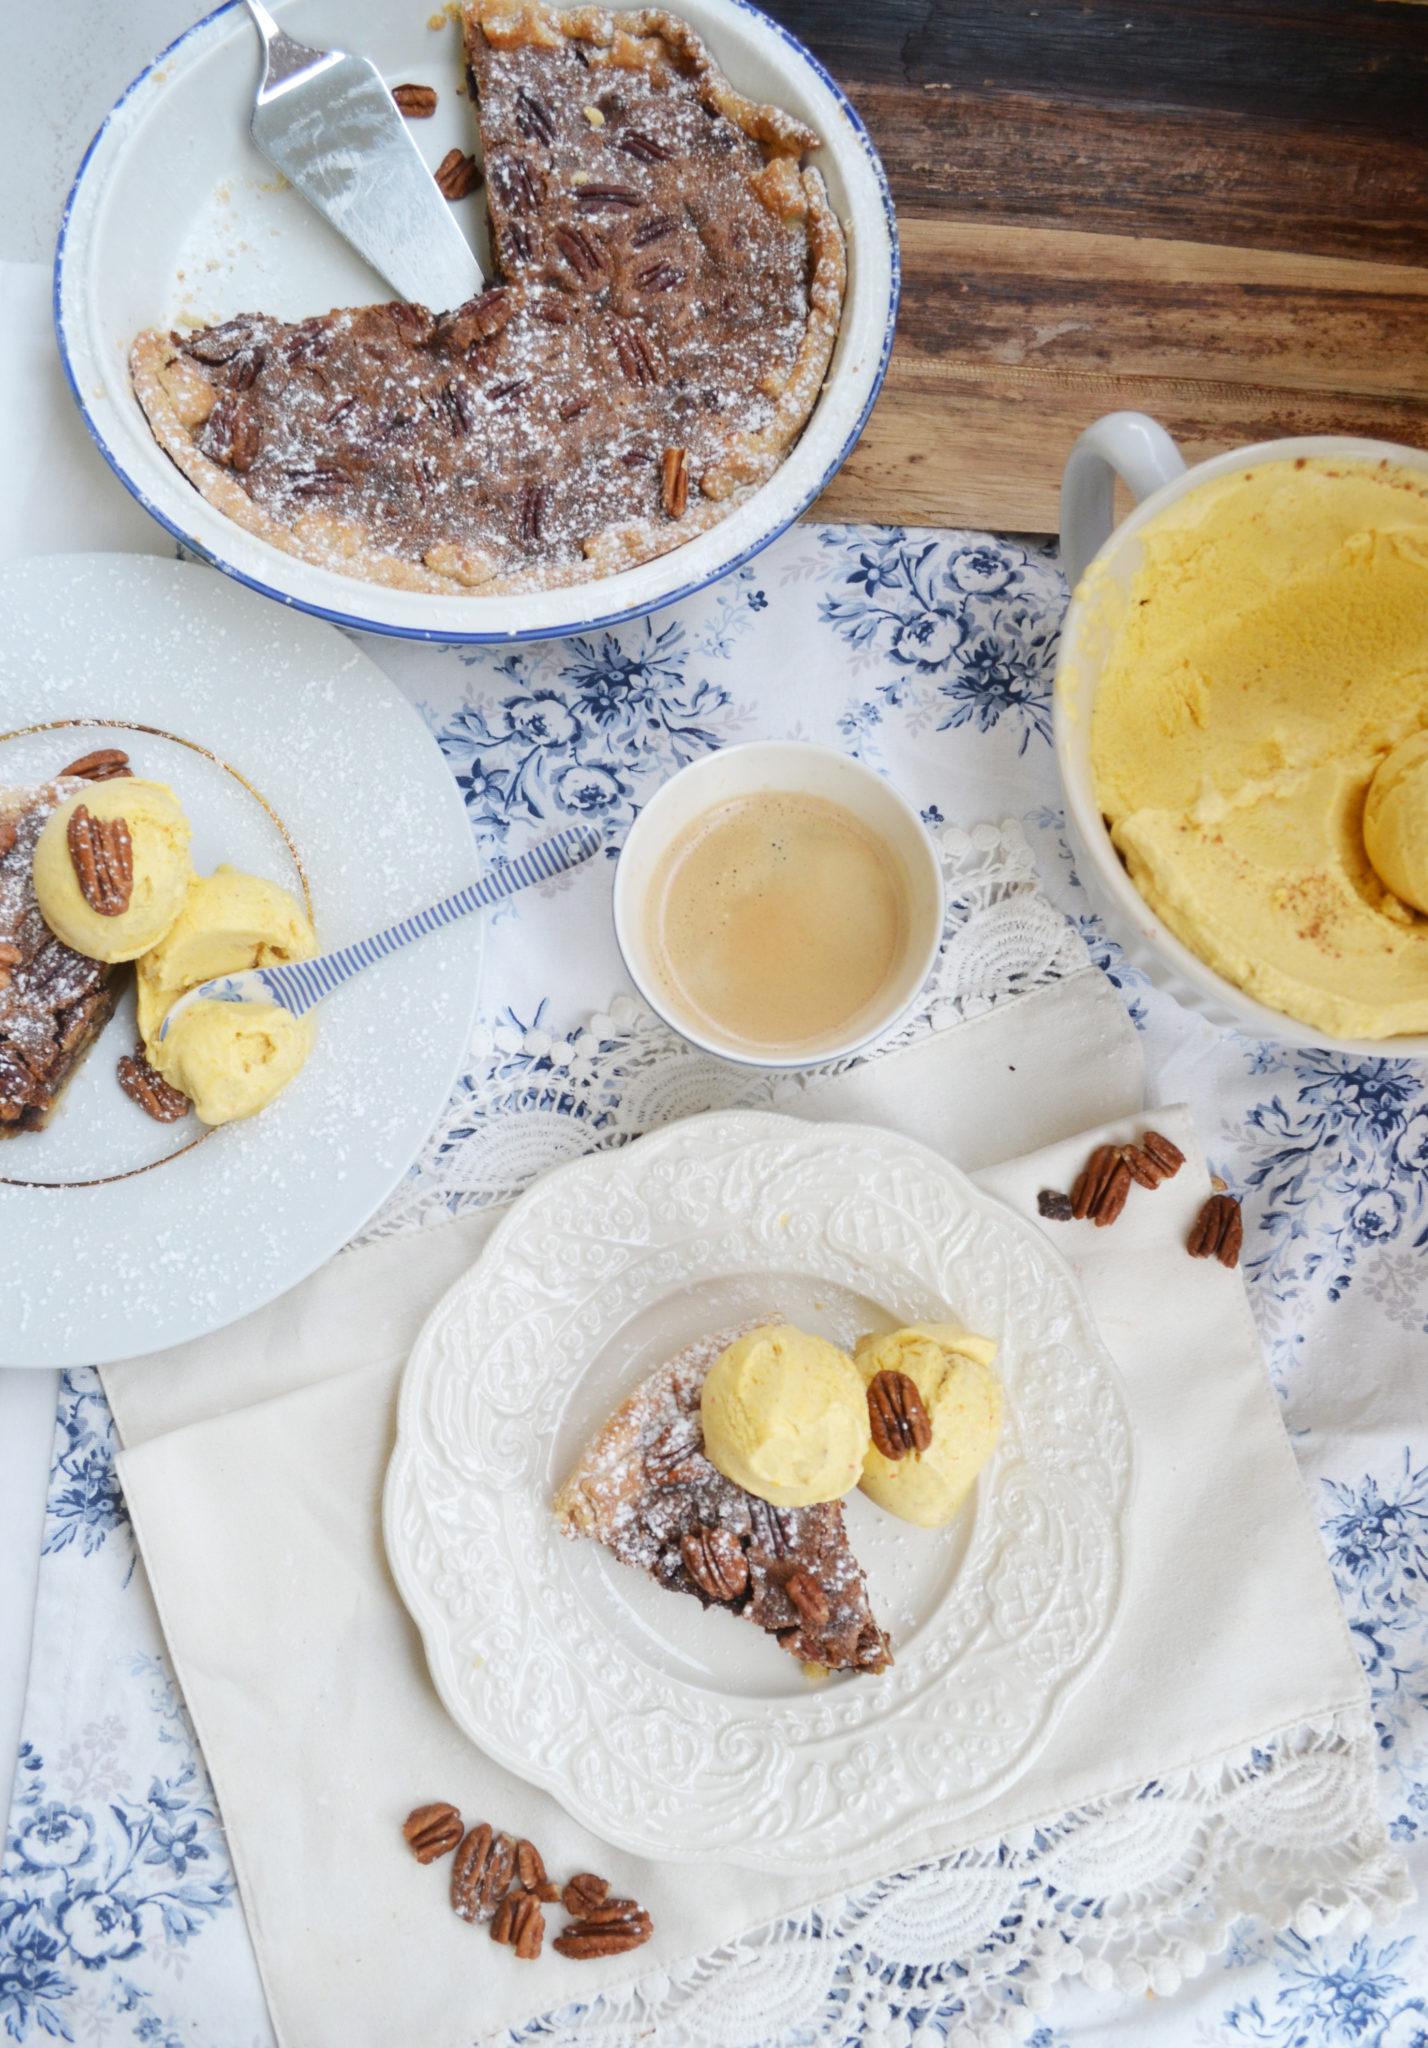 Ein süßer Schatz! Pekannuss-Pie mit Kürbis-Eis